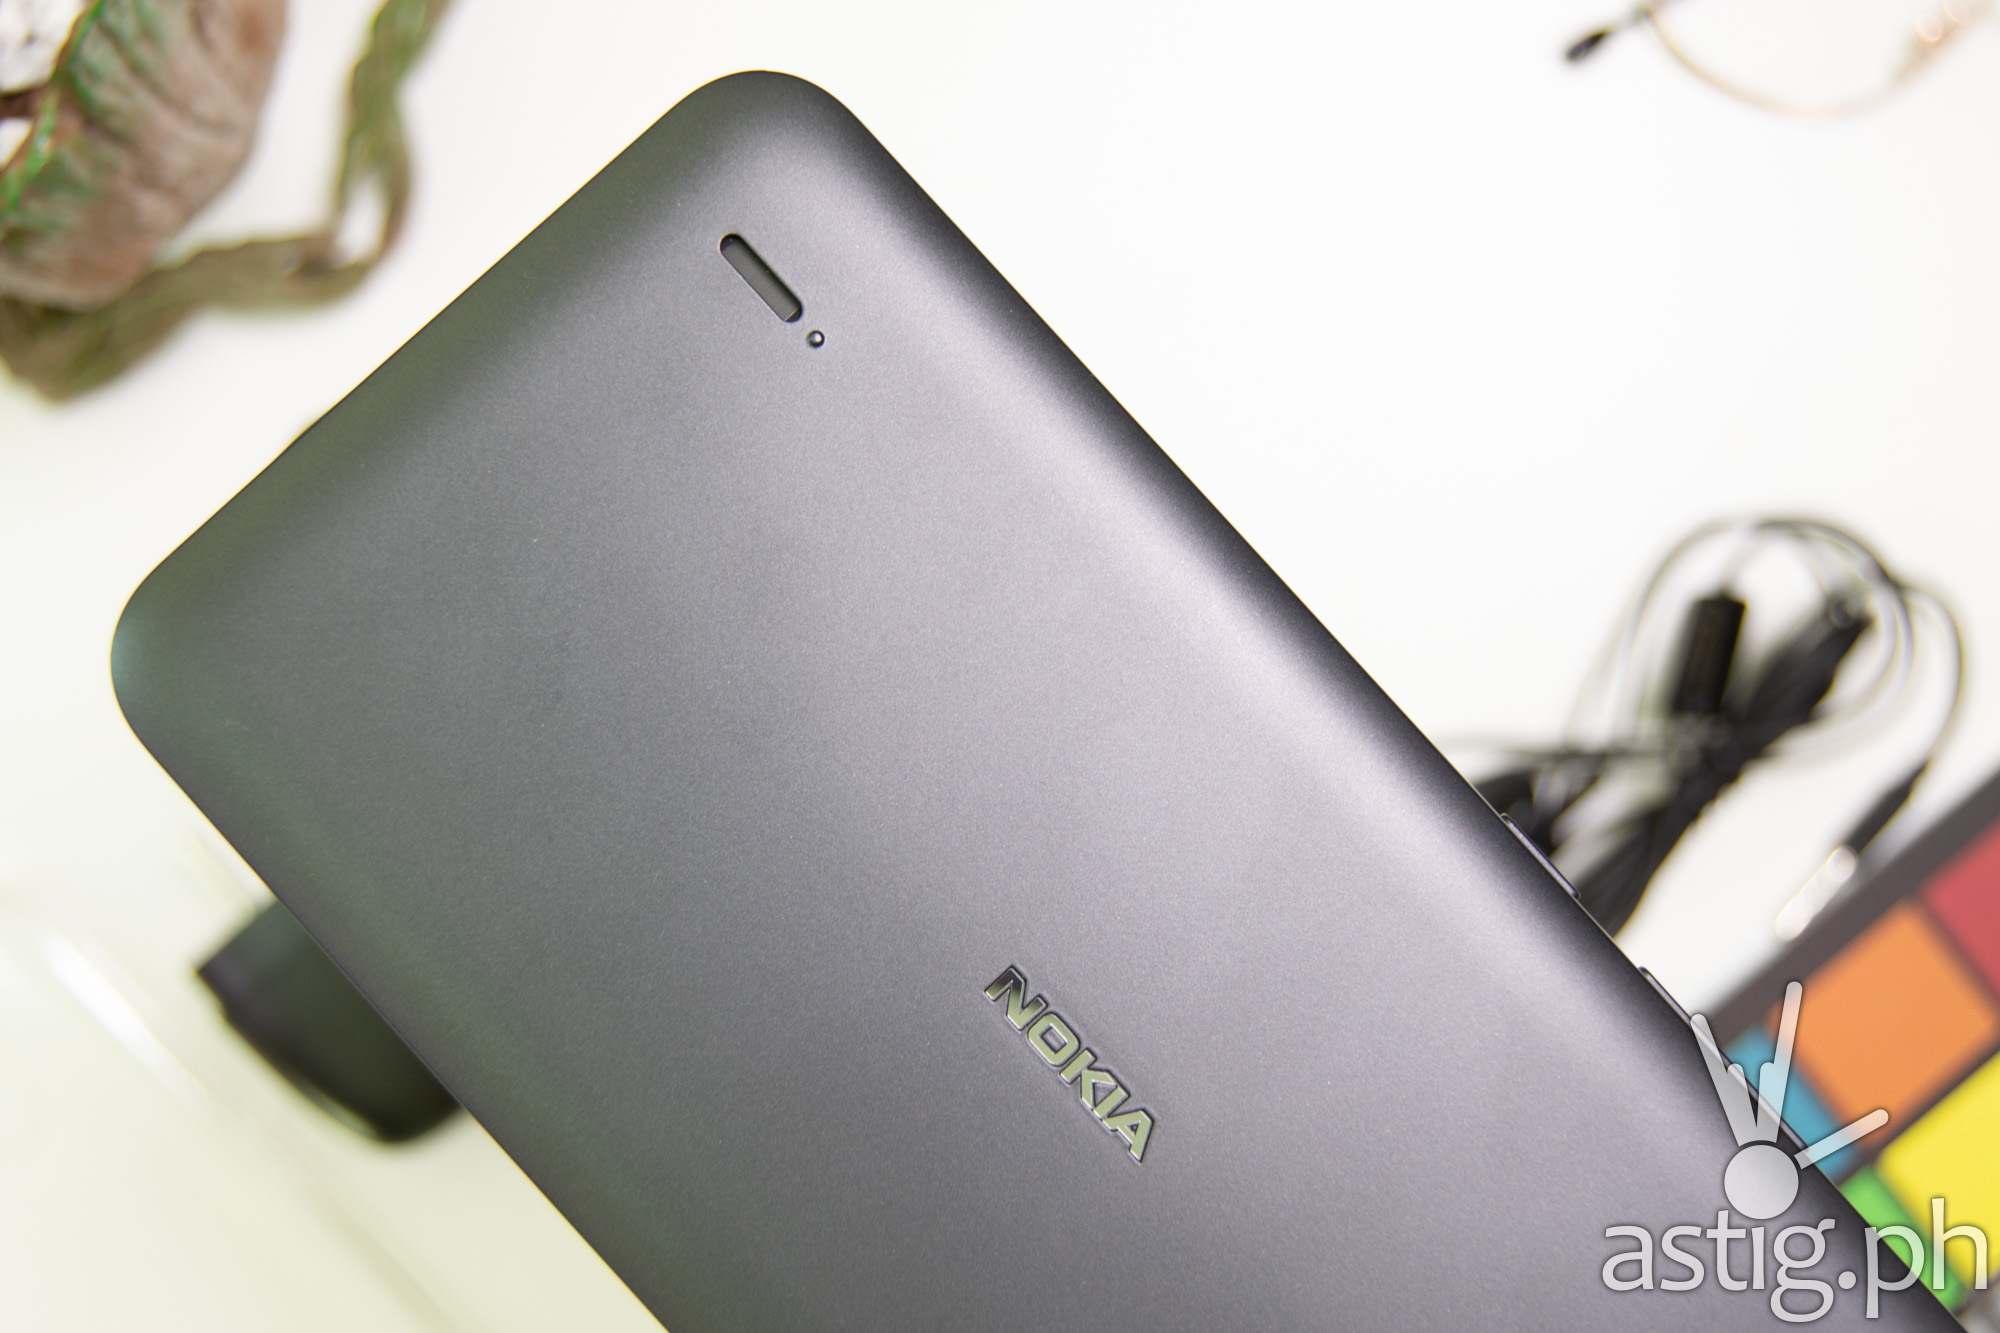 Back speaker - Nokia C2 (Philippines)